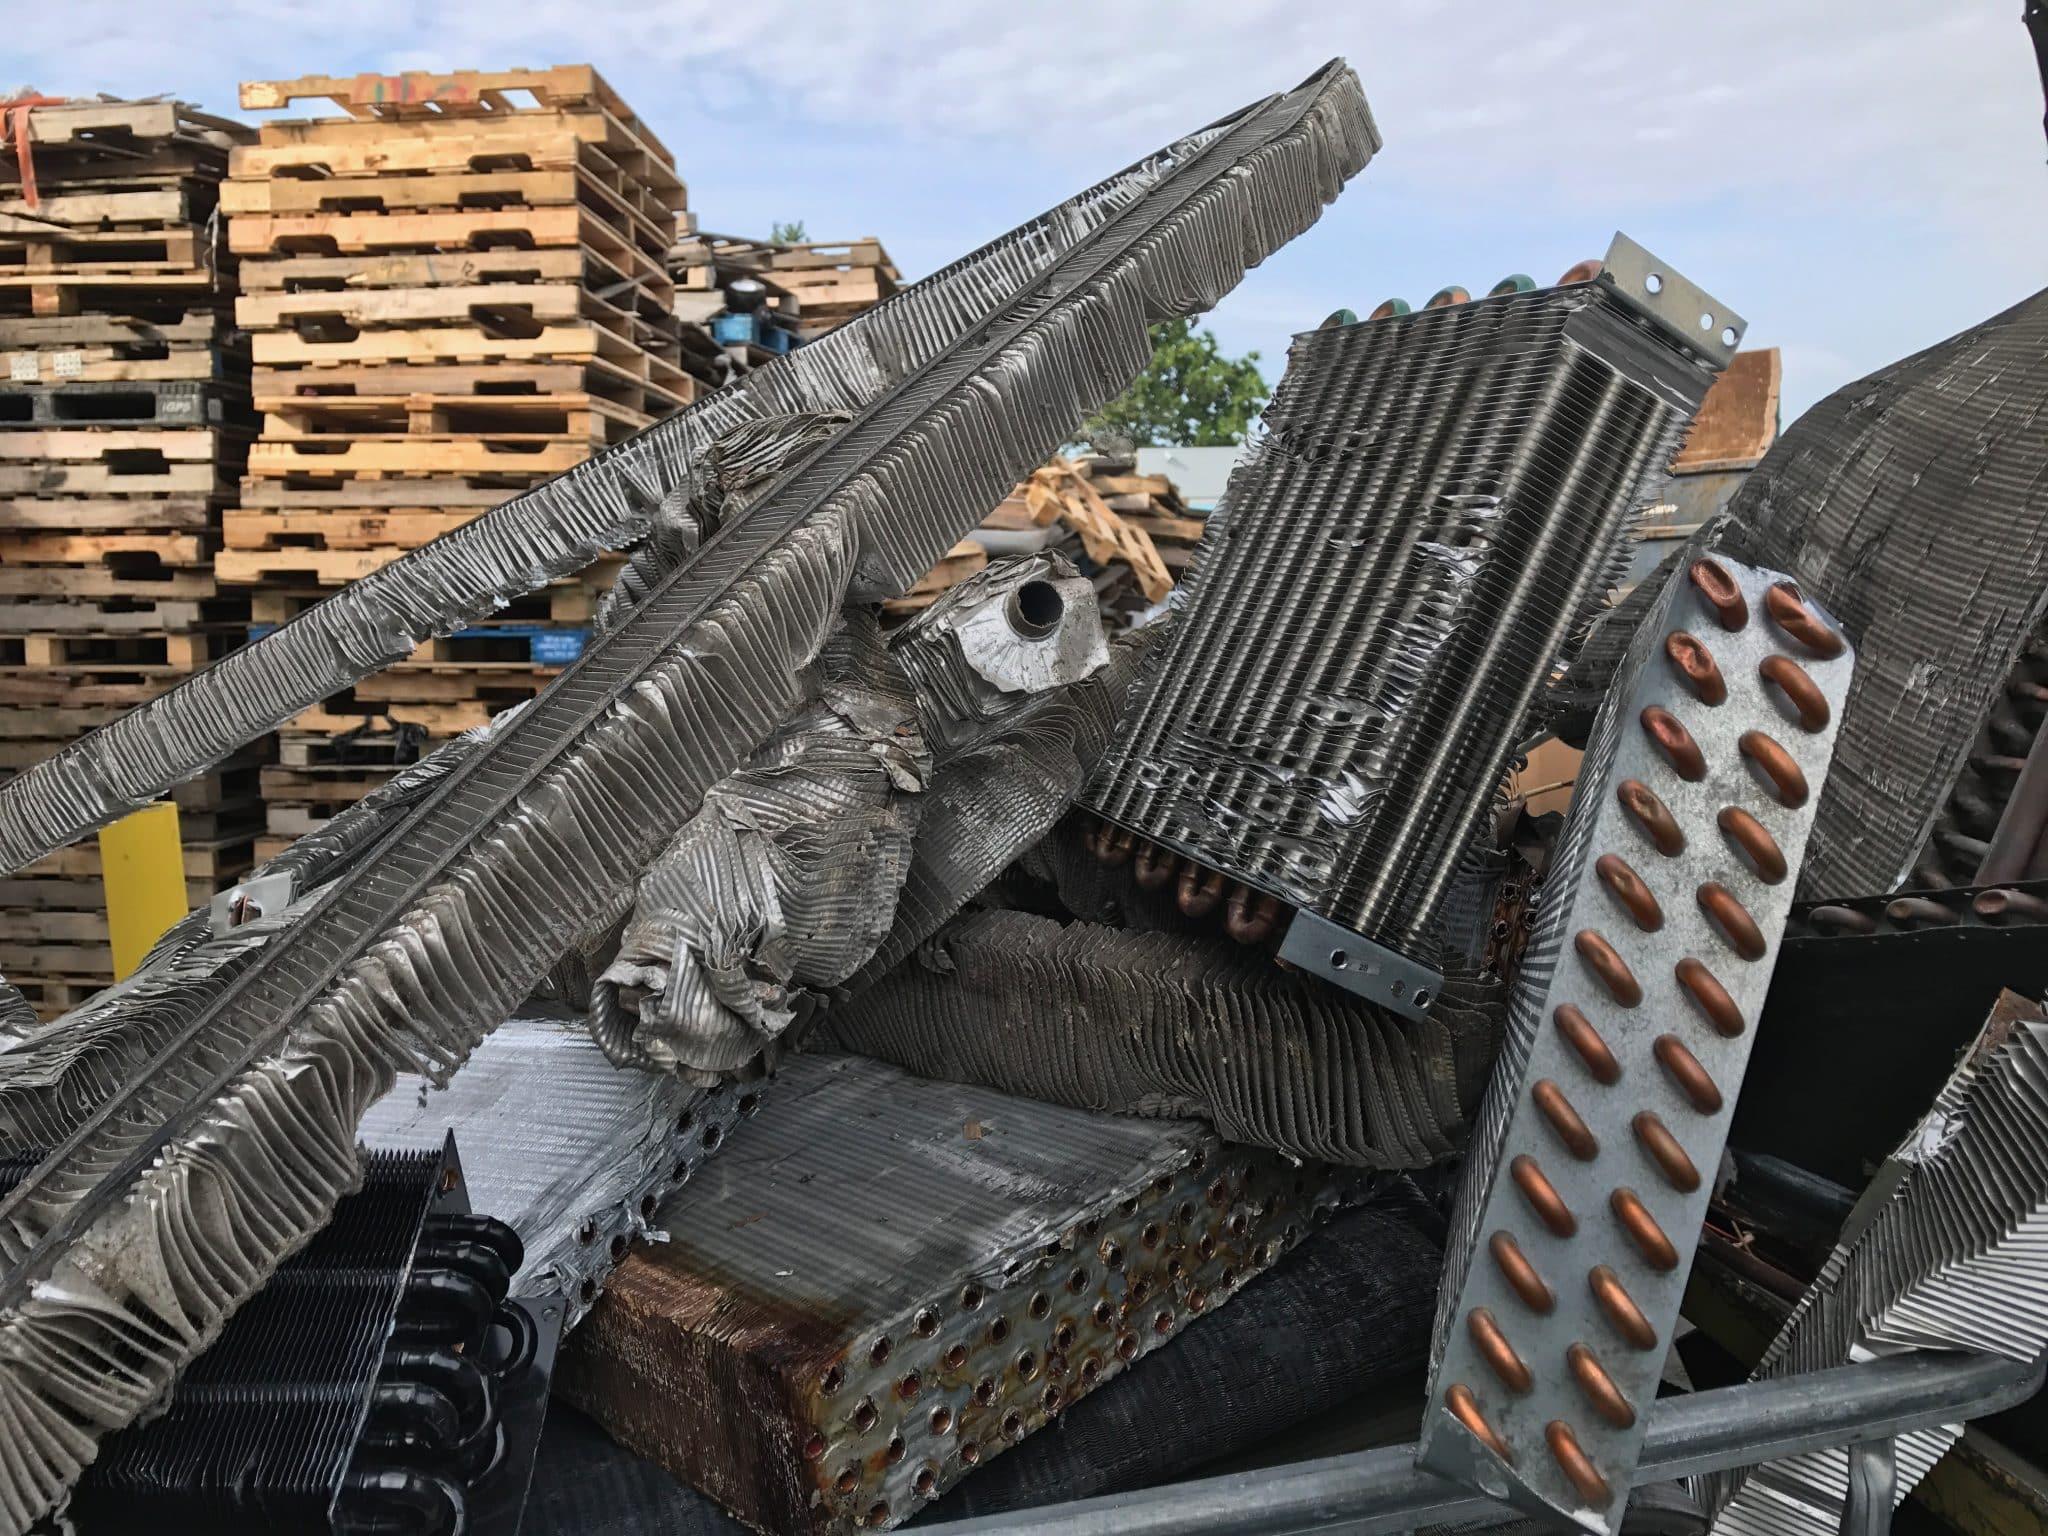 9/20/17 Scrap Price Report: Copper Prices Takes Hit - iScrap App